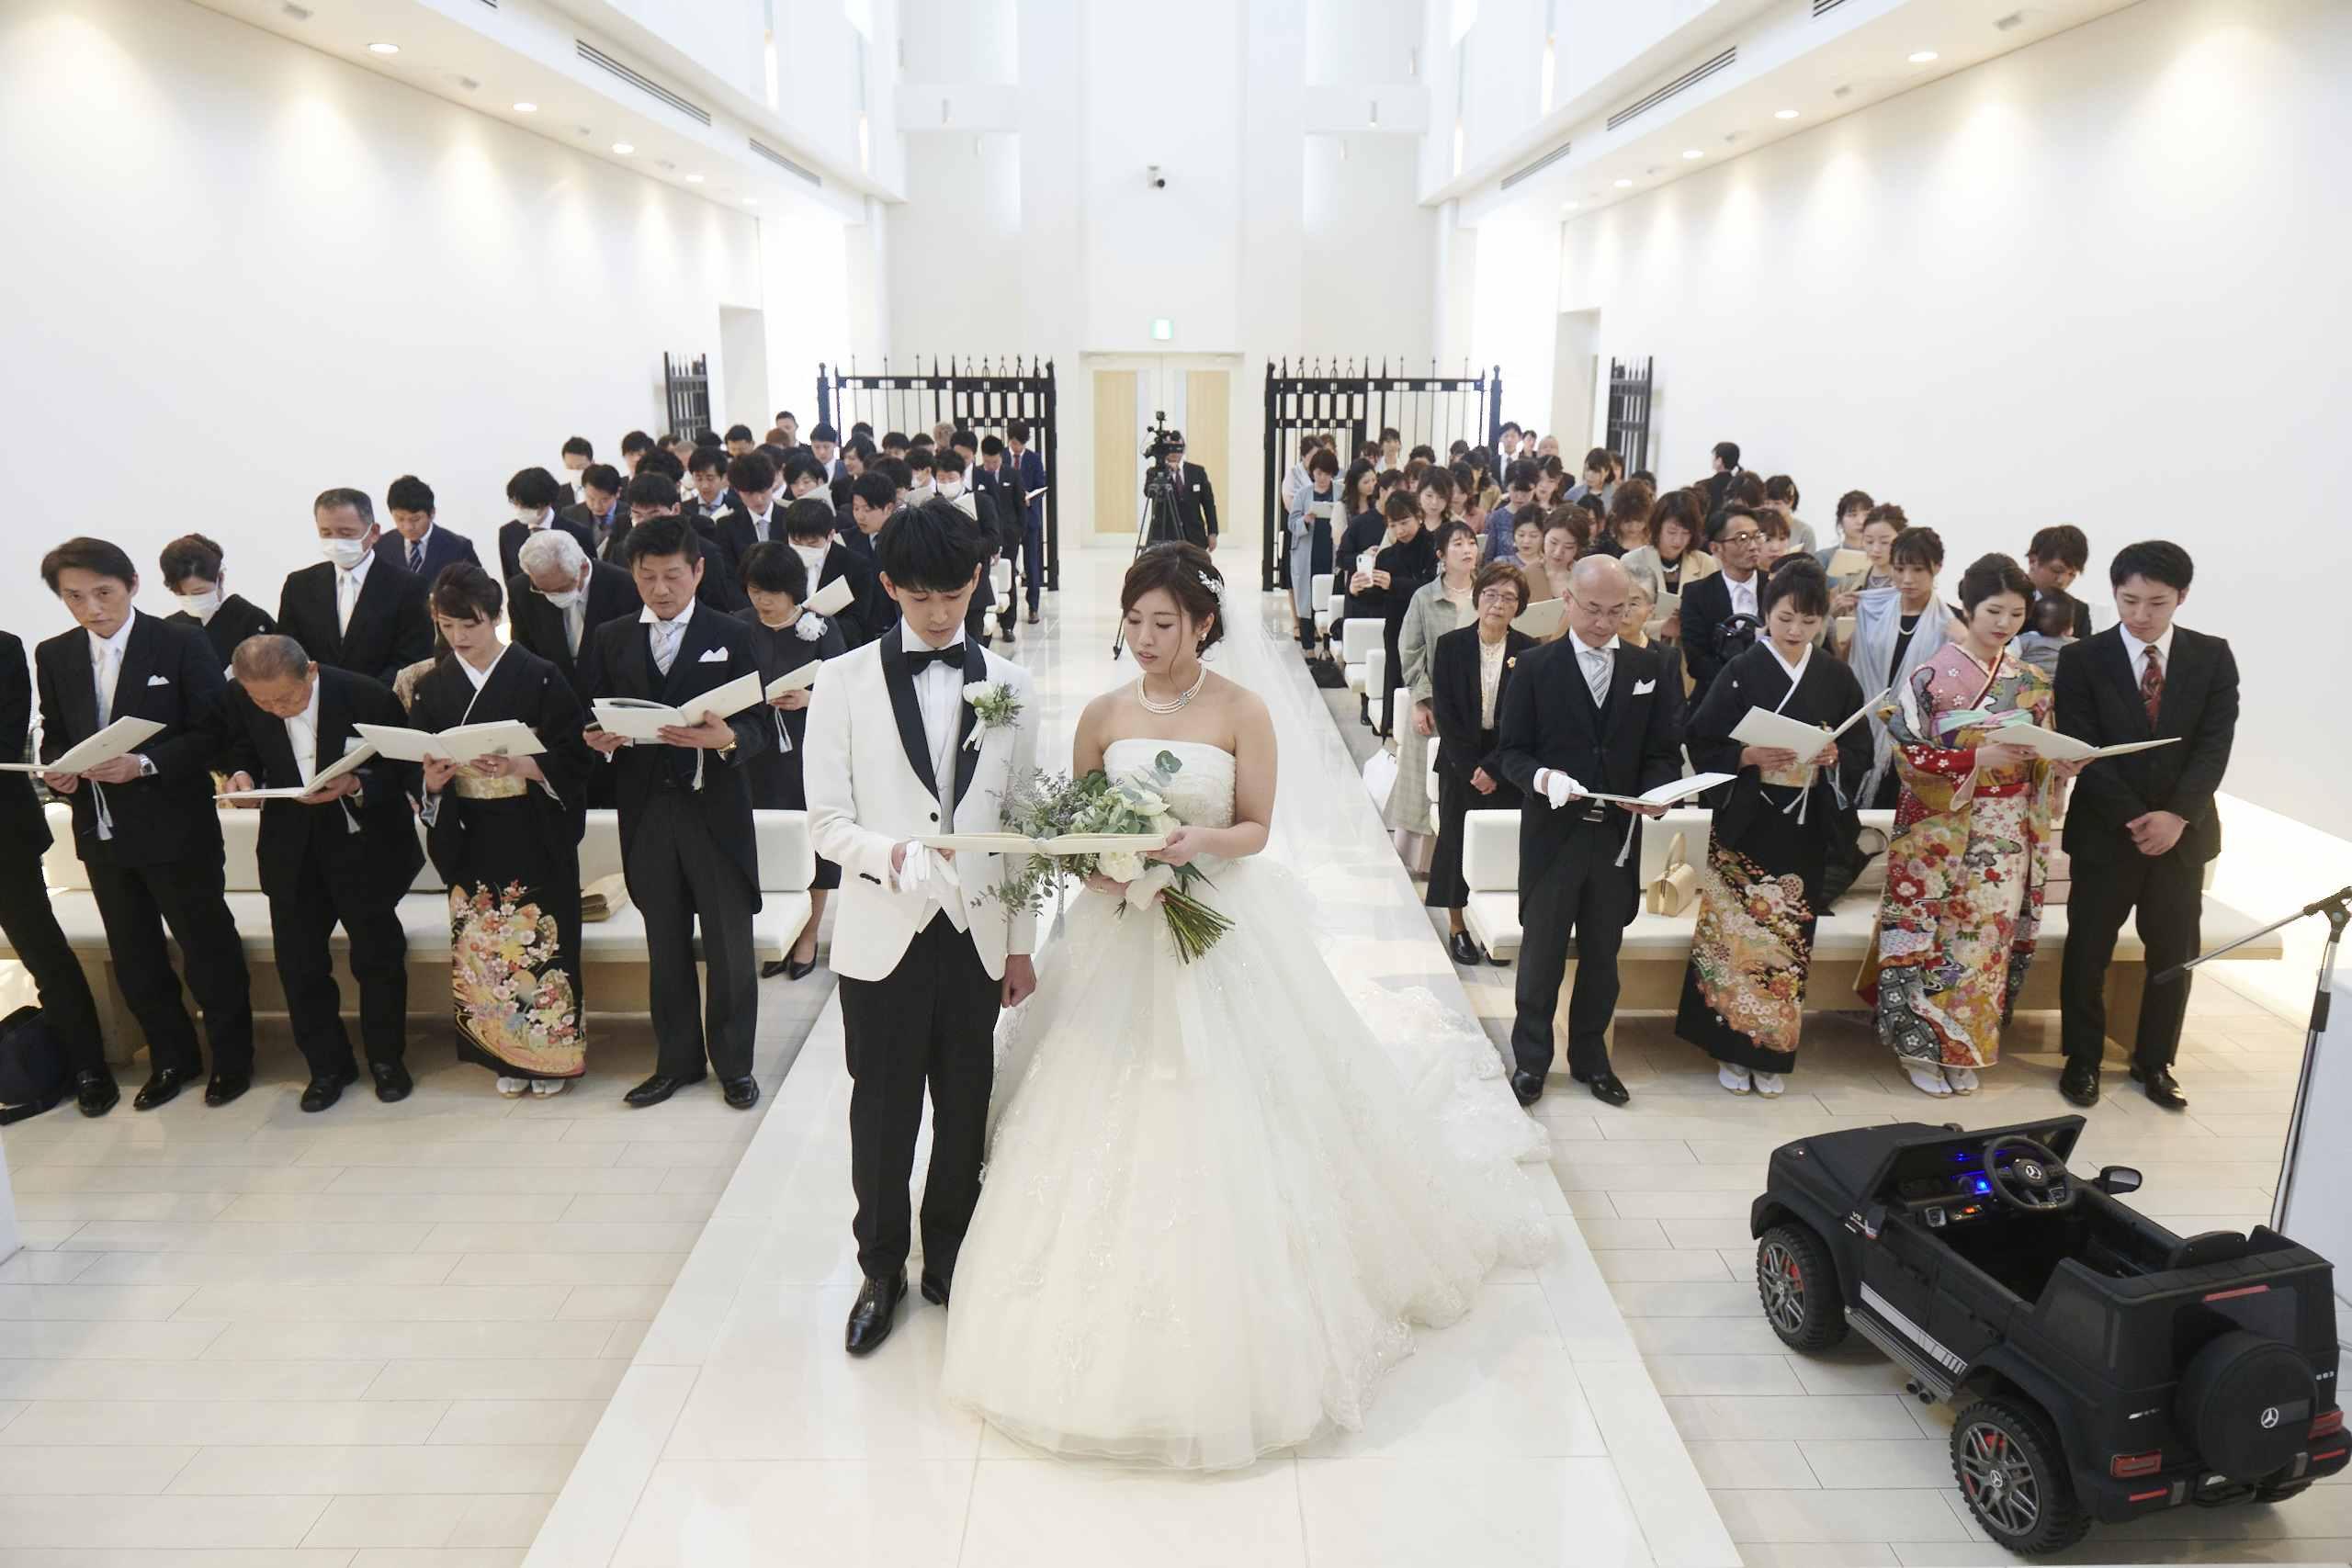 徳島市の結婚式場ブランアンジュでチャペル挙式で聖歌を歌う新郎新婦とゲスト